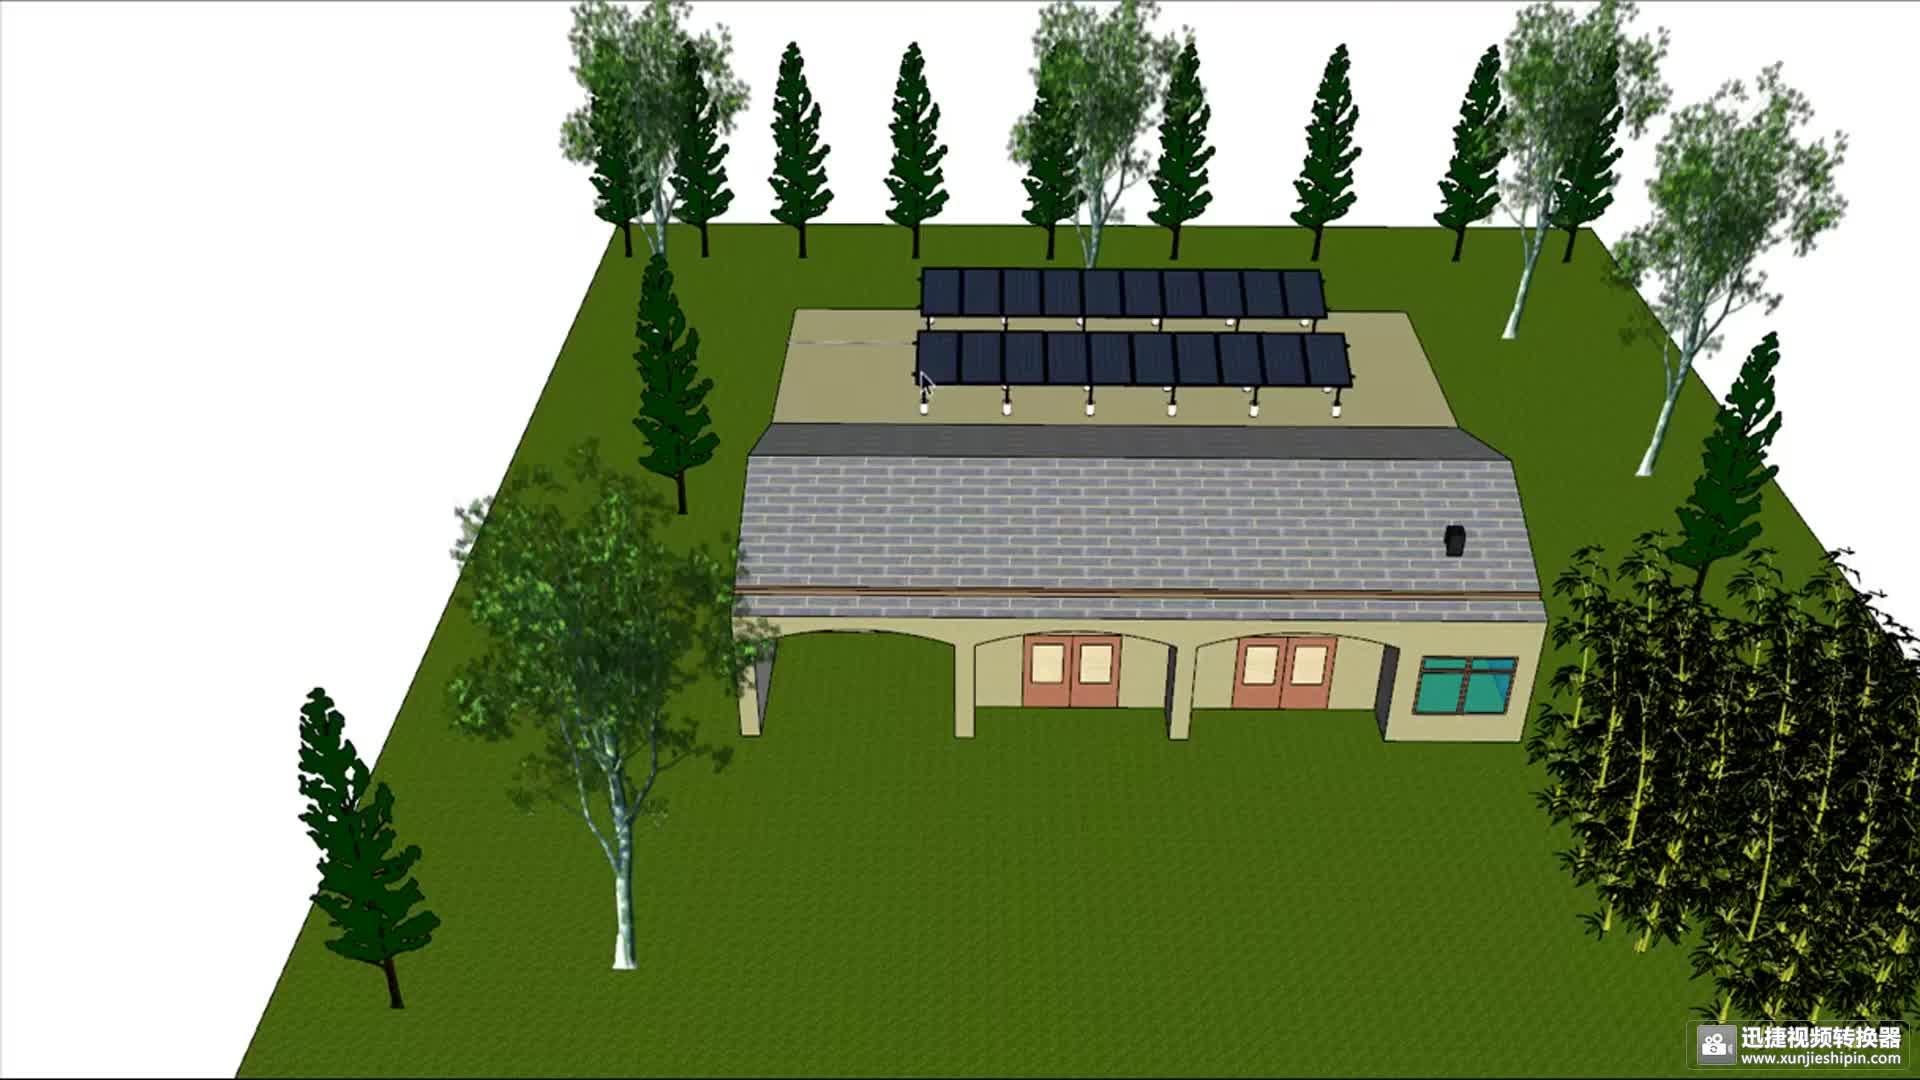 Novo inversor solar pv de 5kw 10kw 20kw opcional com grade de 5kw